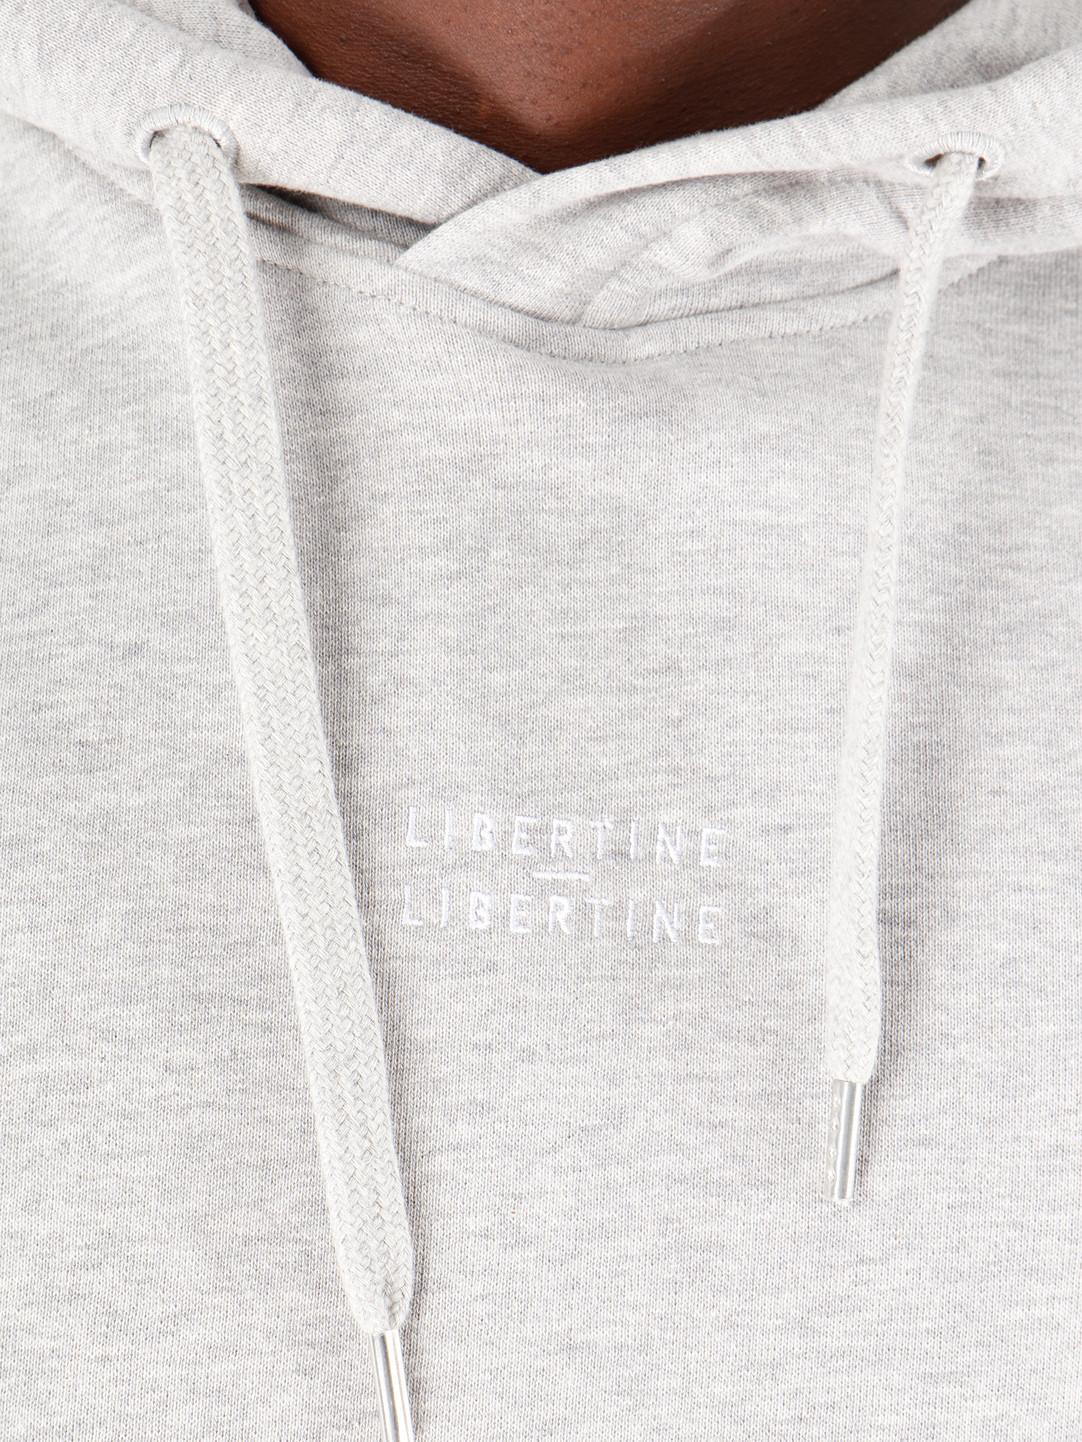 Libertine Libertine Libertine Libertine Copeland Logo Hoodie Grey Melange 1752